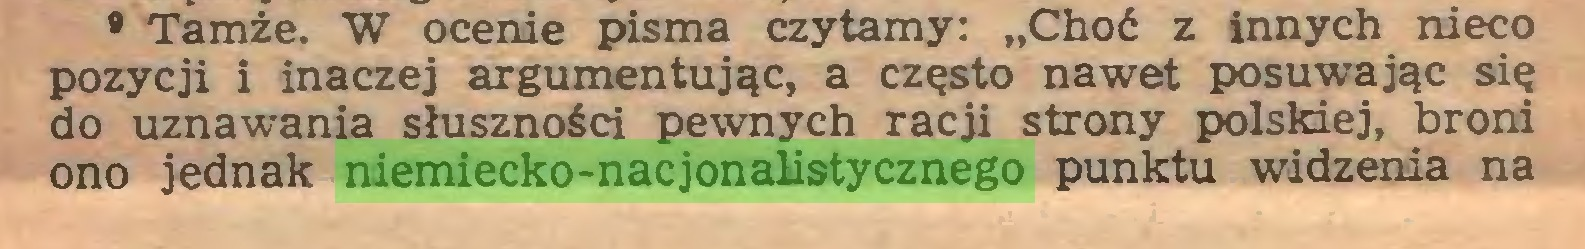 """(...) • Tamże. W ocenie pisma czytamy: """"Choć z innych nieco pozycji i inaczej argumentując, a często nawet posuwając się do uznawania słuszności pewnych racji strony polskiej, broni ono jednak niemiecko-nacjonalistycznego punktu widzenia na..."""